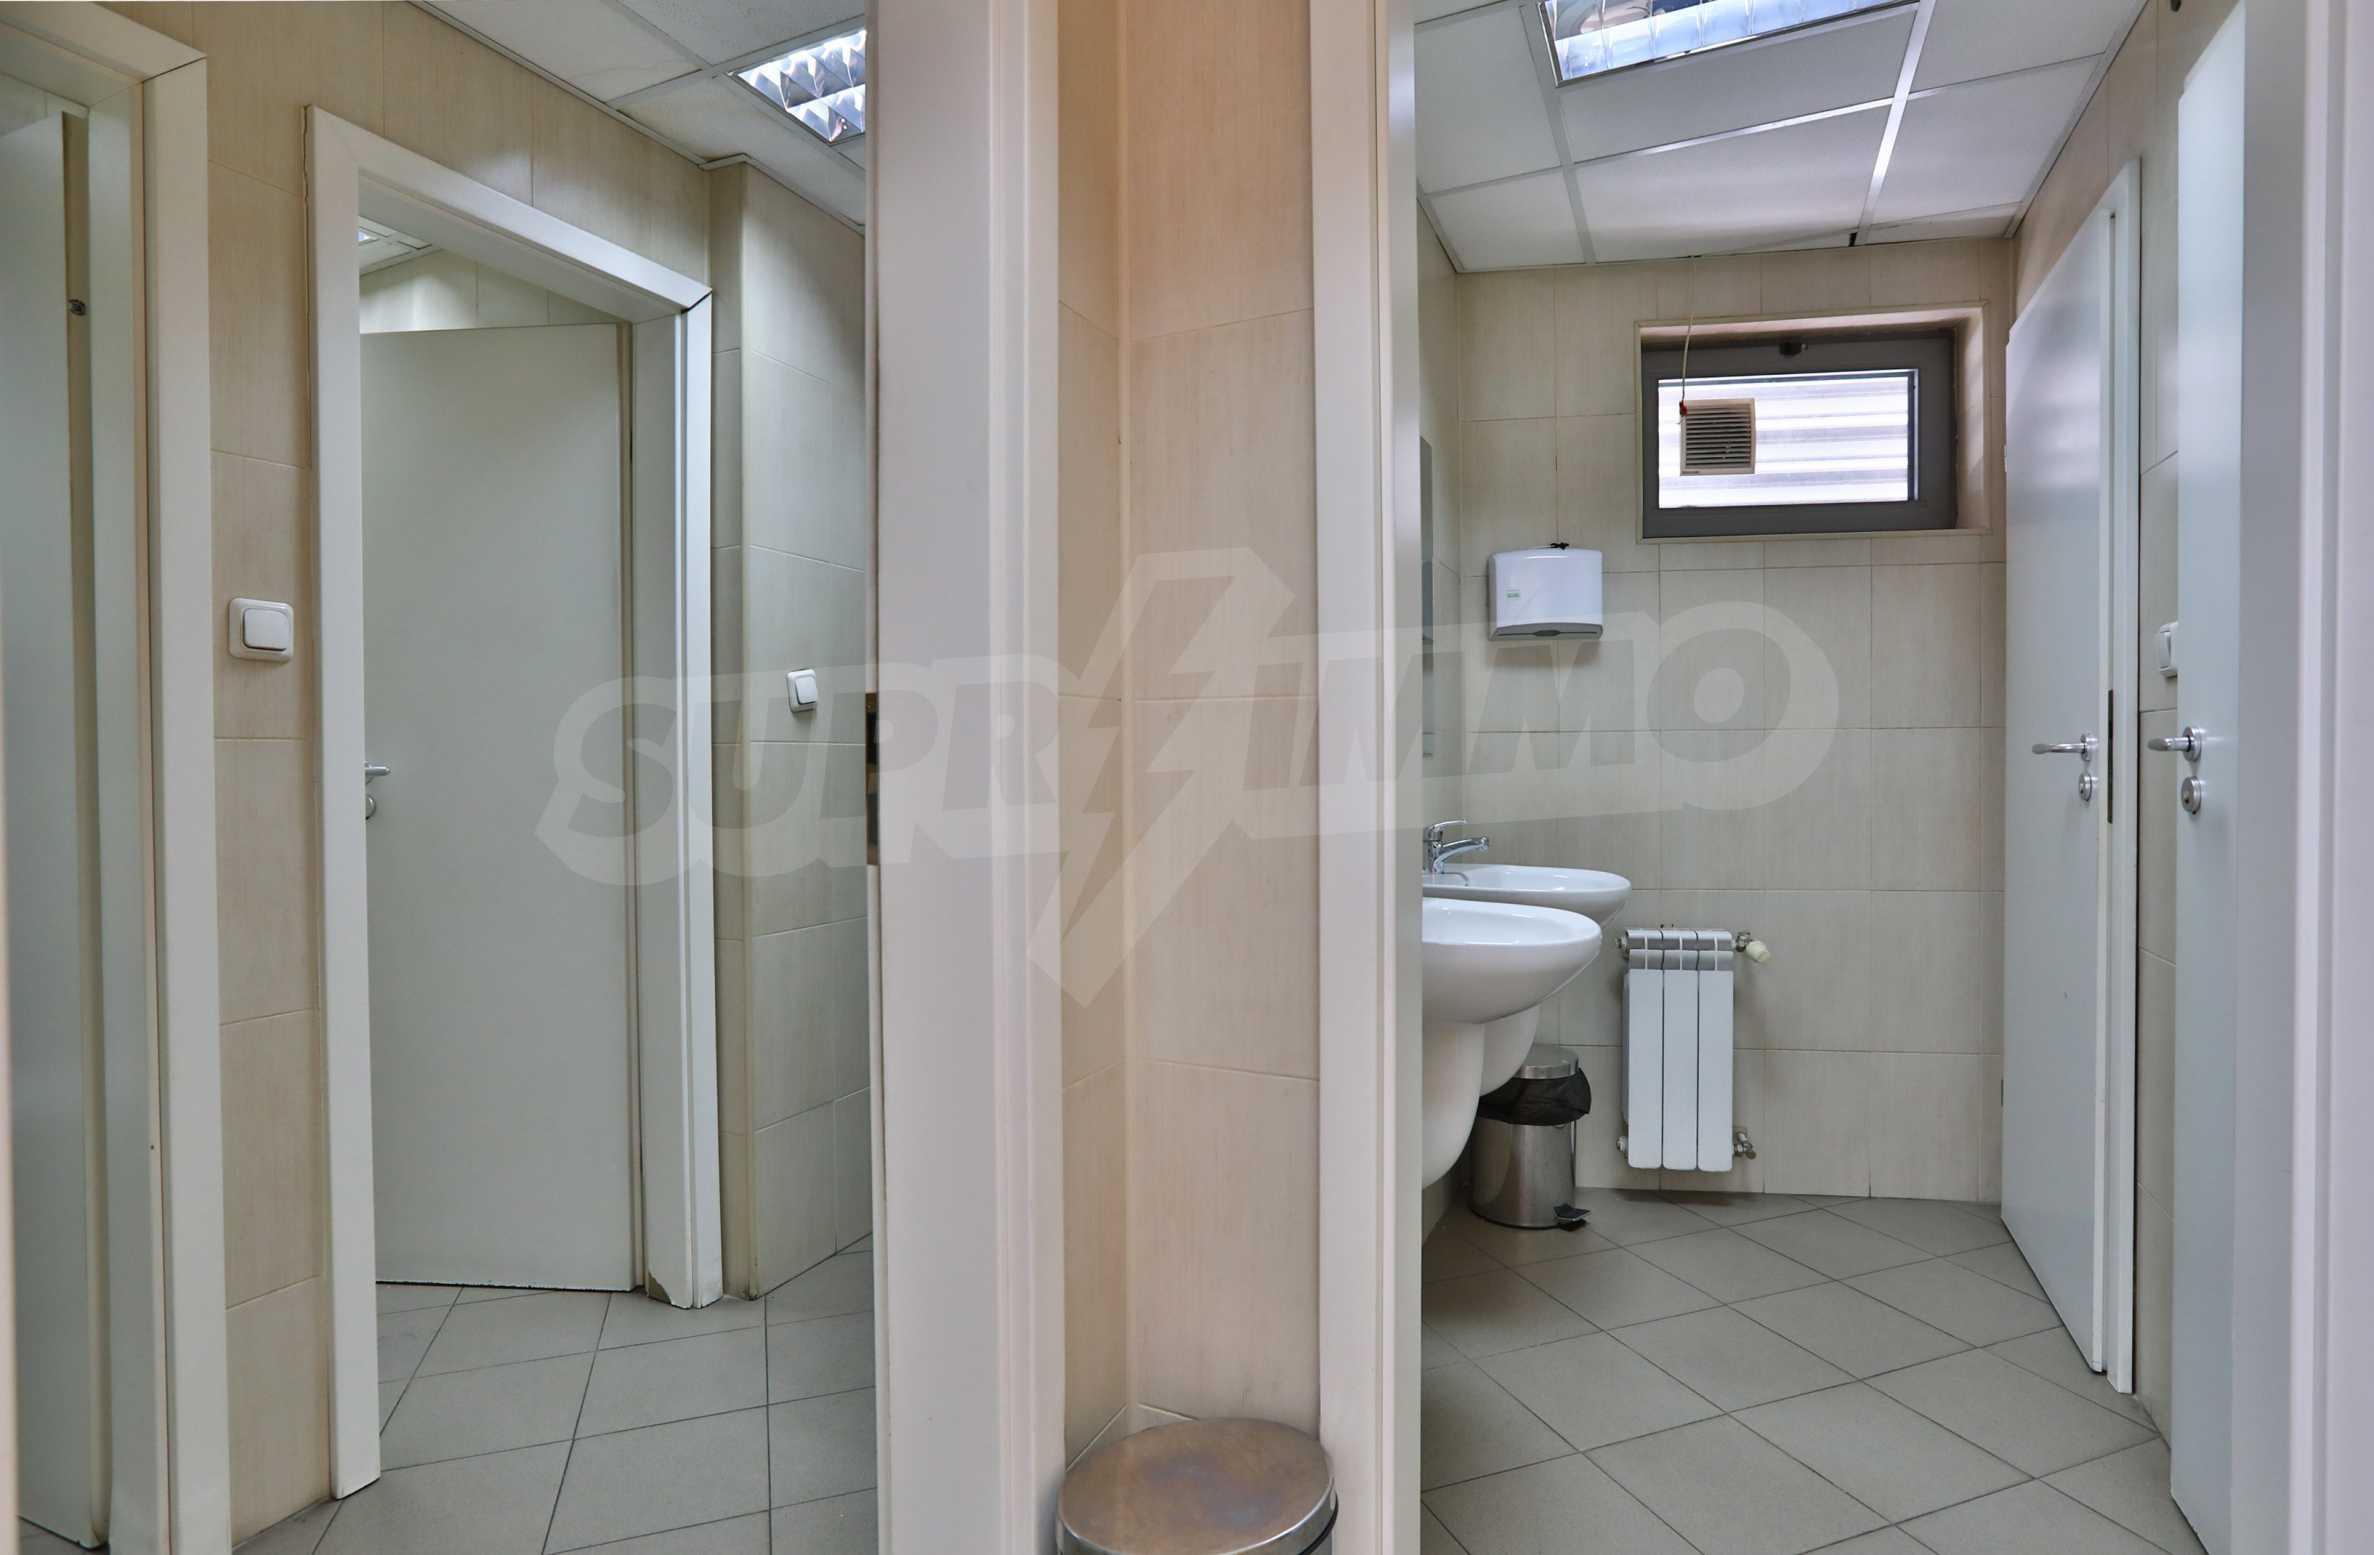 Площи тип open space в офис зоната на бул. Цариградско шосе 27